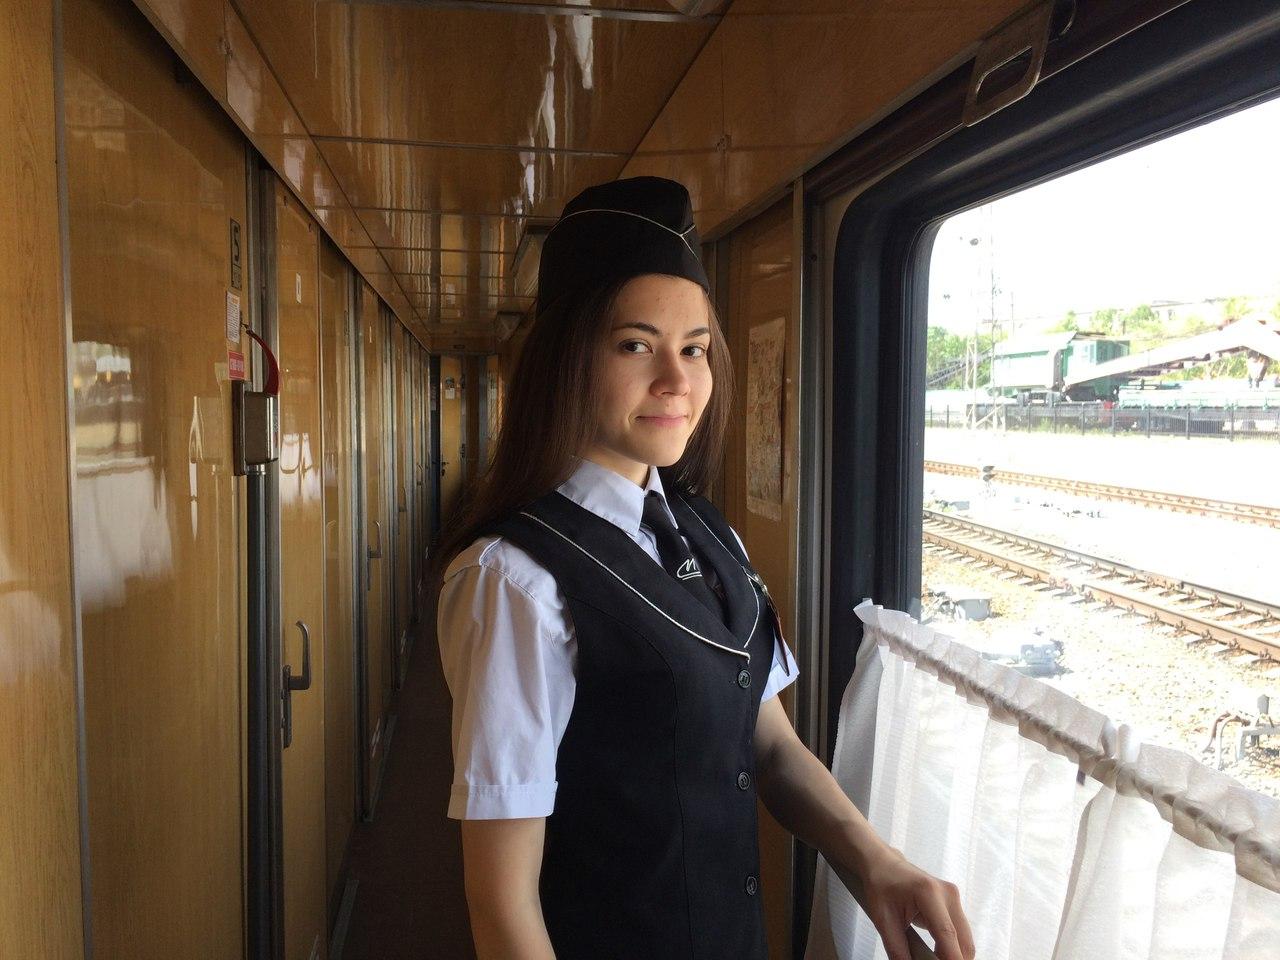 Проводник поезда в картинках